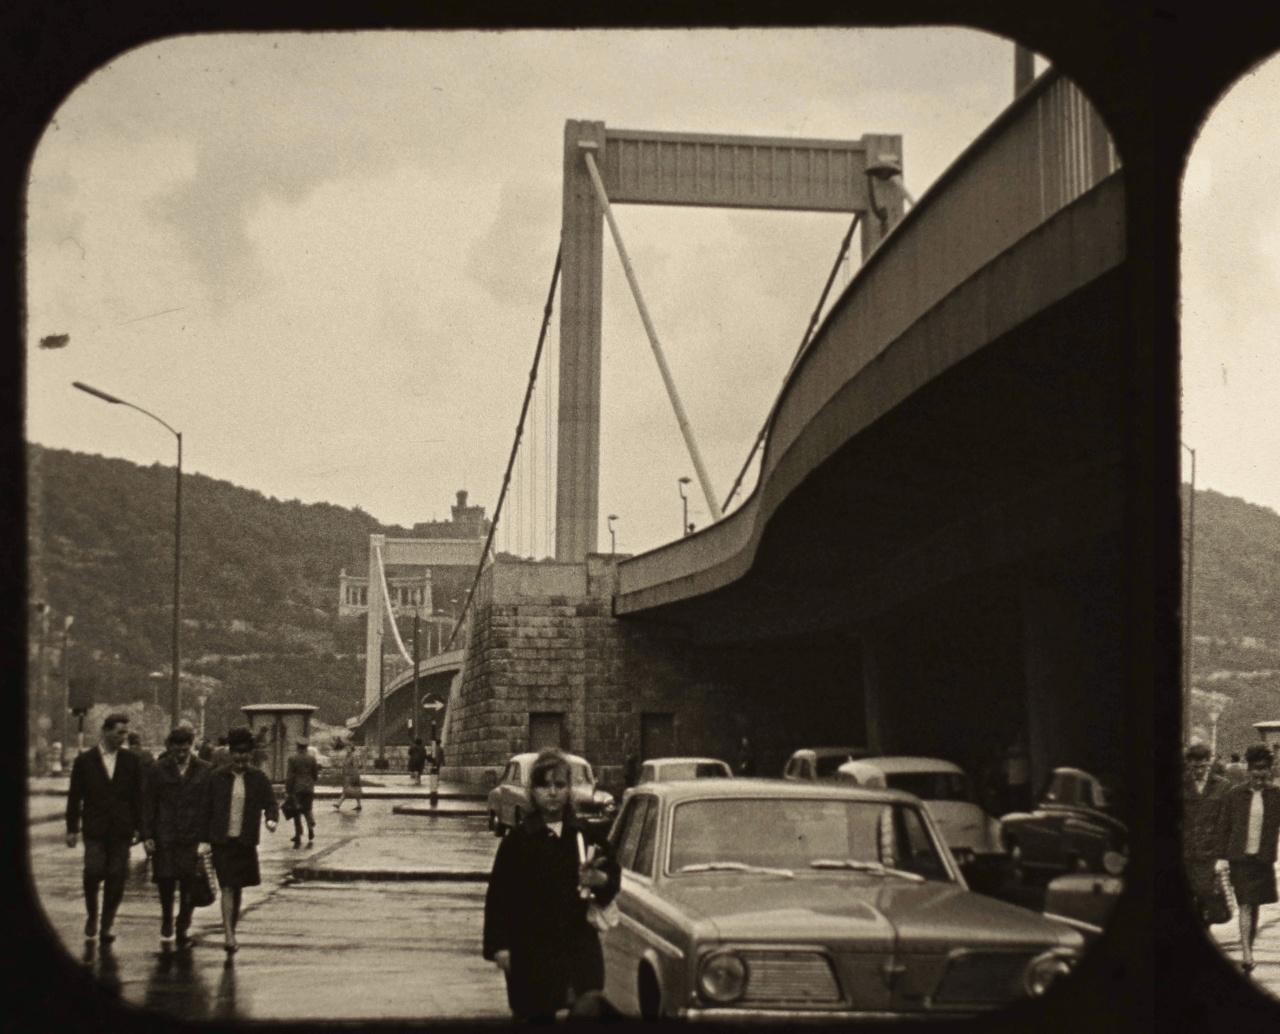 Parkoló az eső áztatta Erzsébet híd alatt. A kép előterében egy 1966-os Plymouth Valiant.